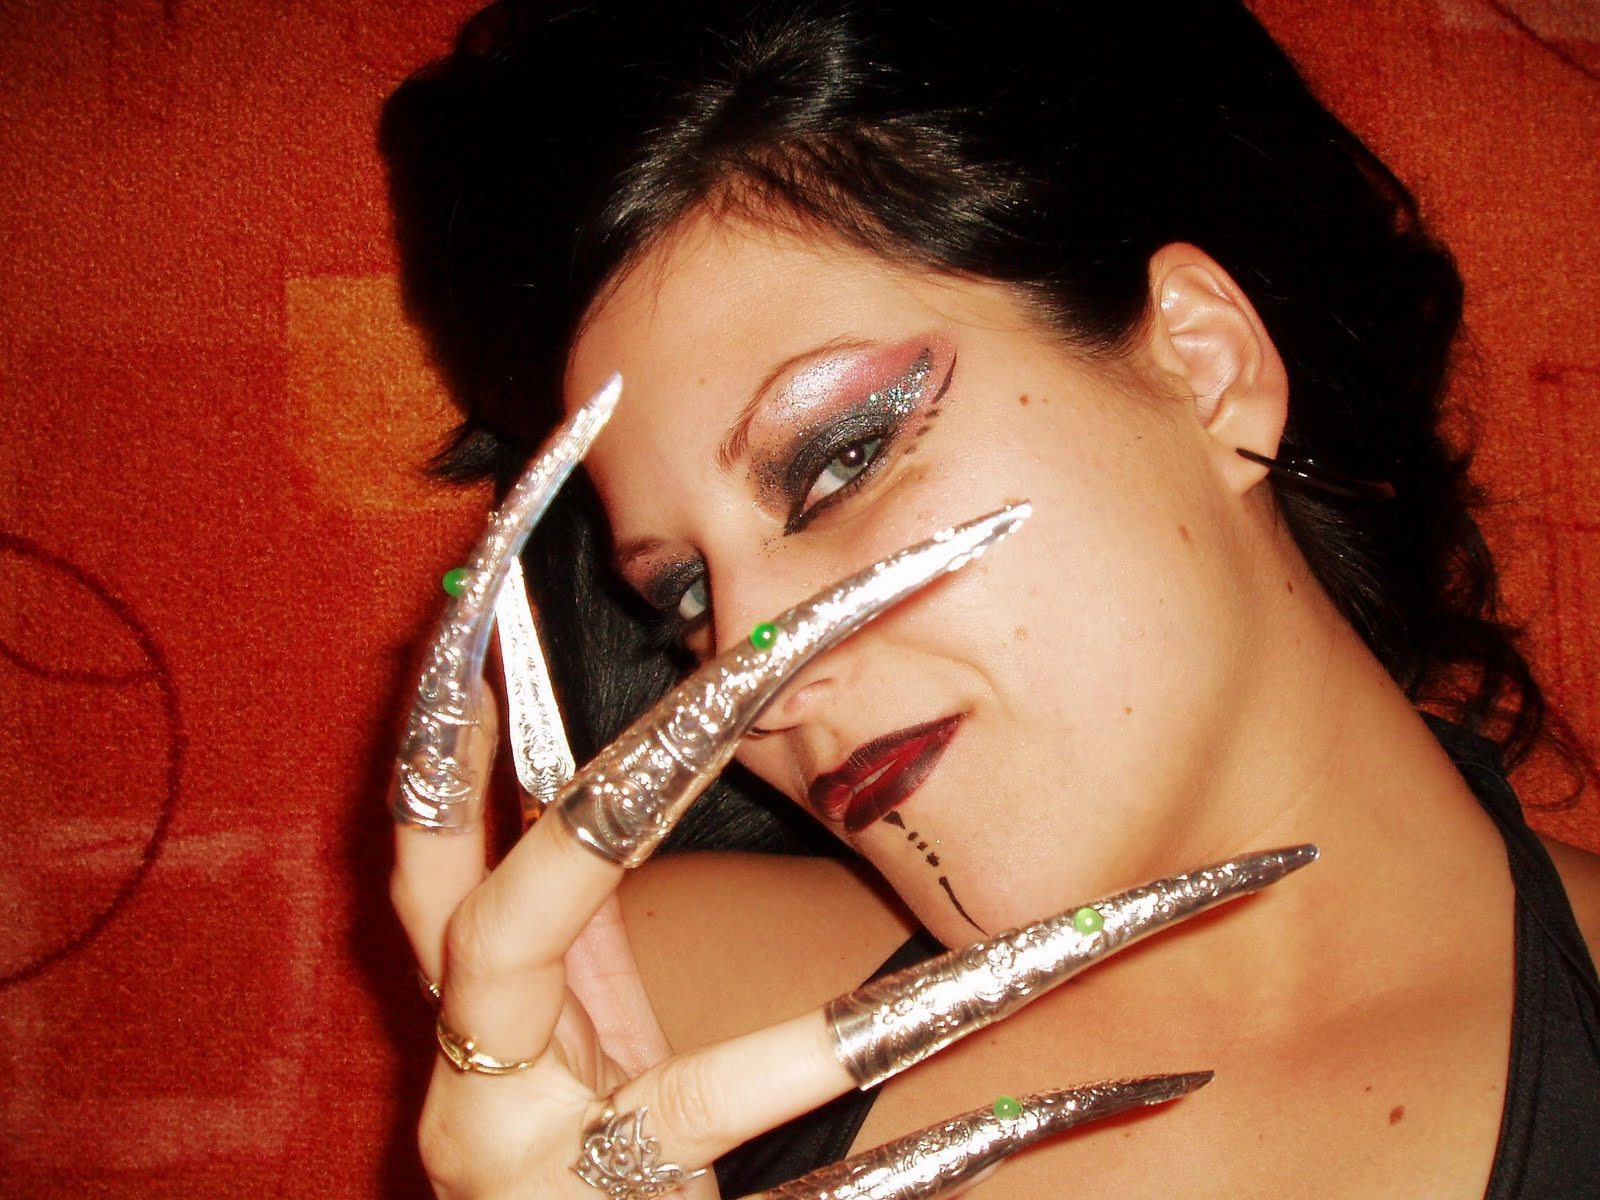 Nail art: Long nails designs